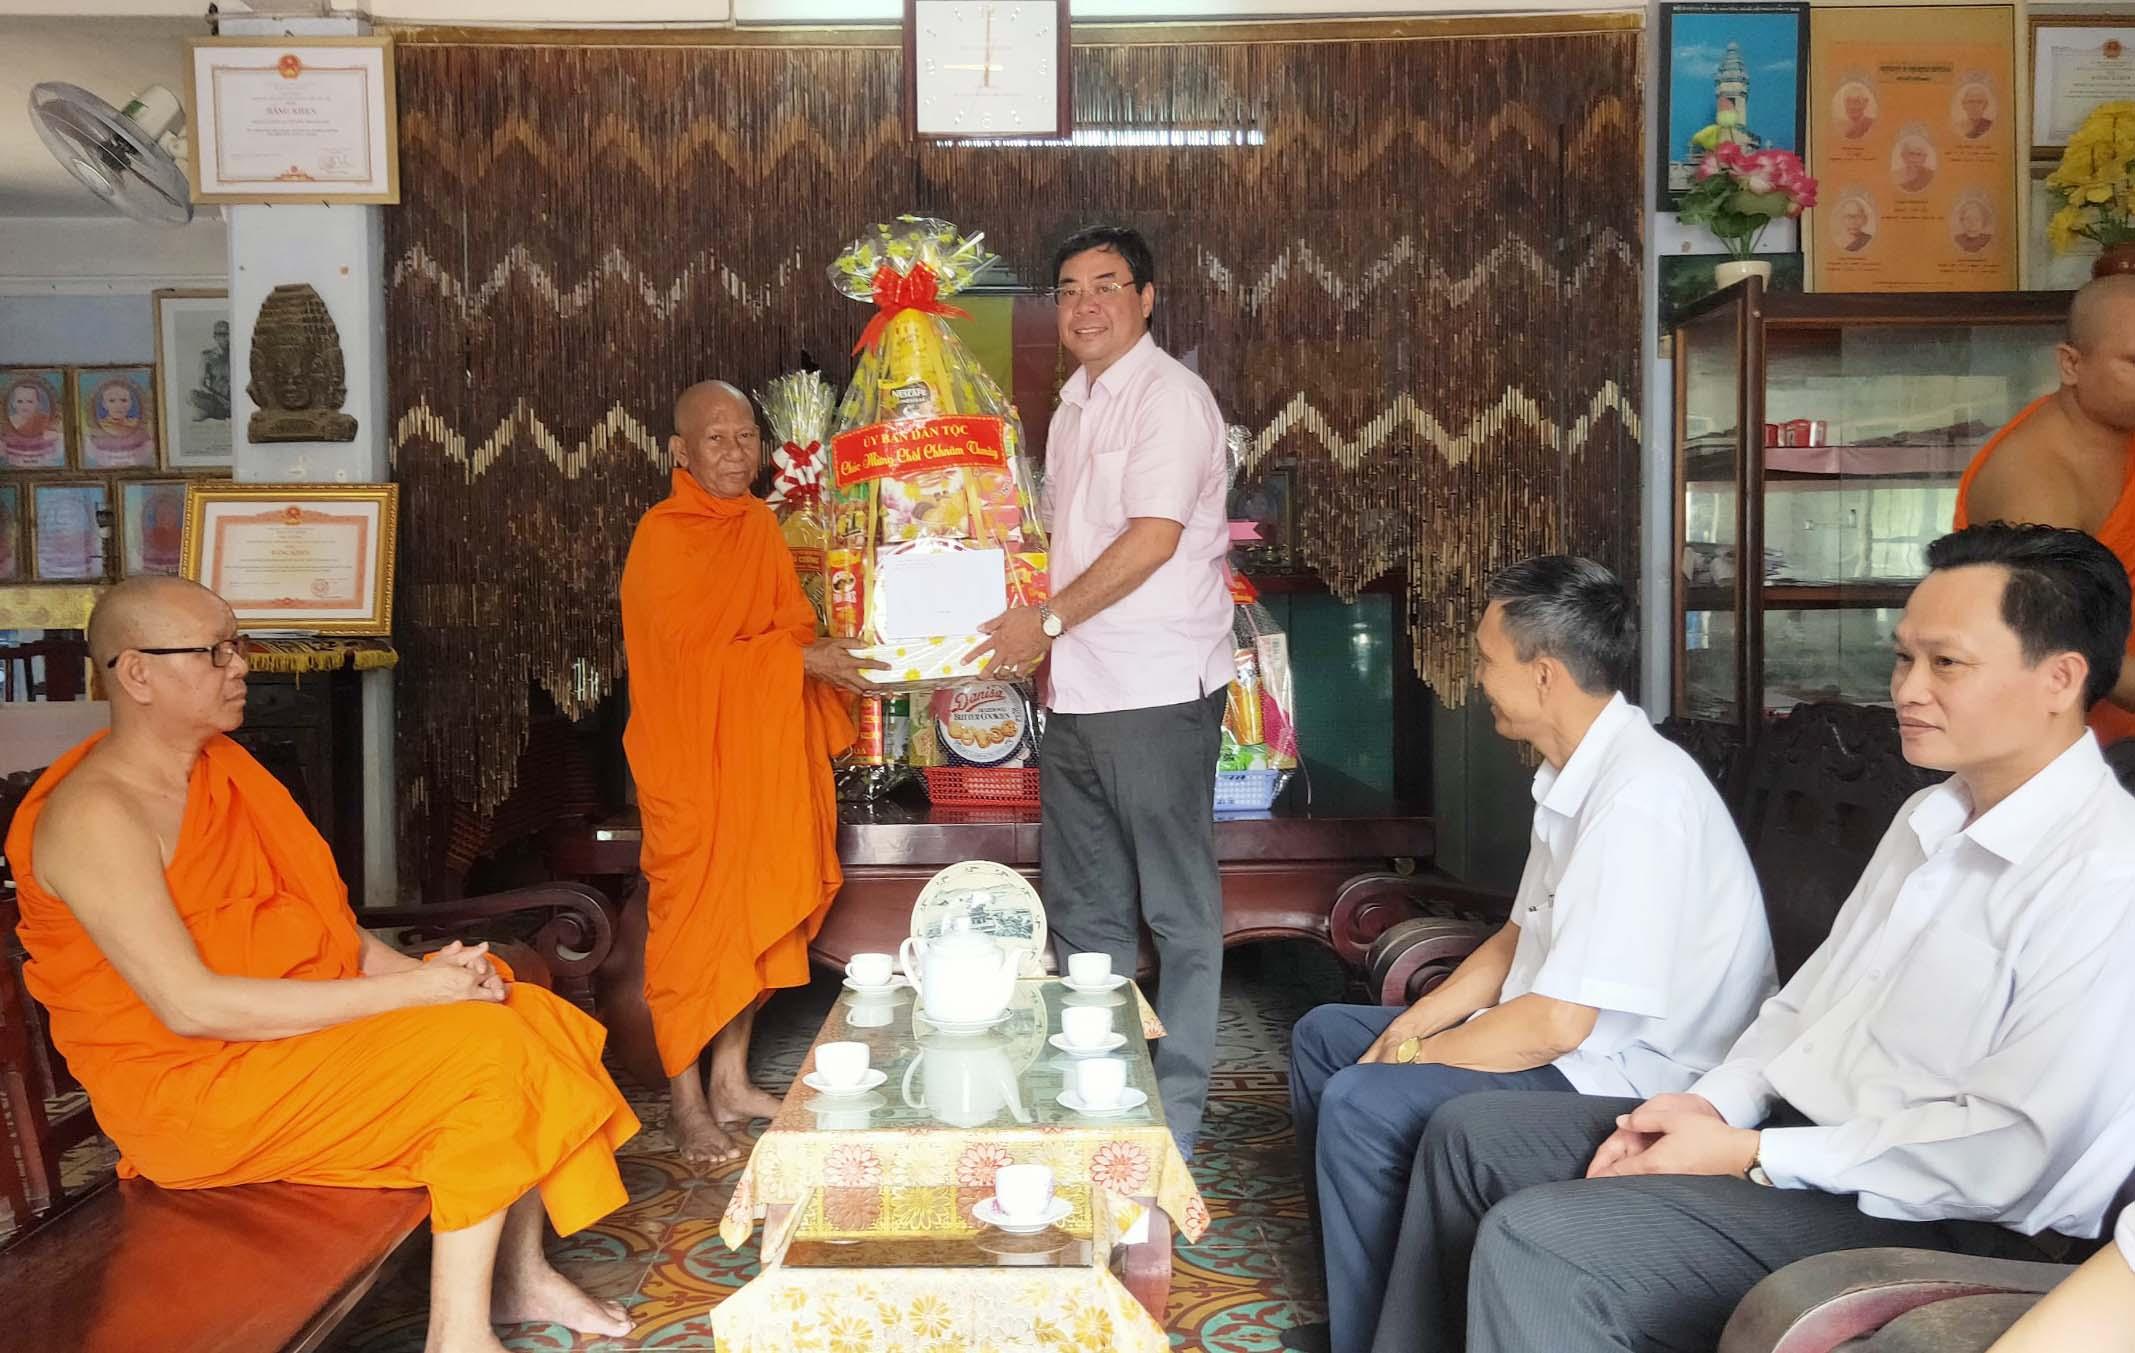 Ông Tào Việt Thắng tặng quà Hoà thượng Thạch Sok Xane, Hội trưởng Hội Đoàn kế sư sãi yêu nước tỉnh Trà Vinh